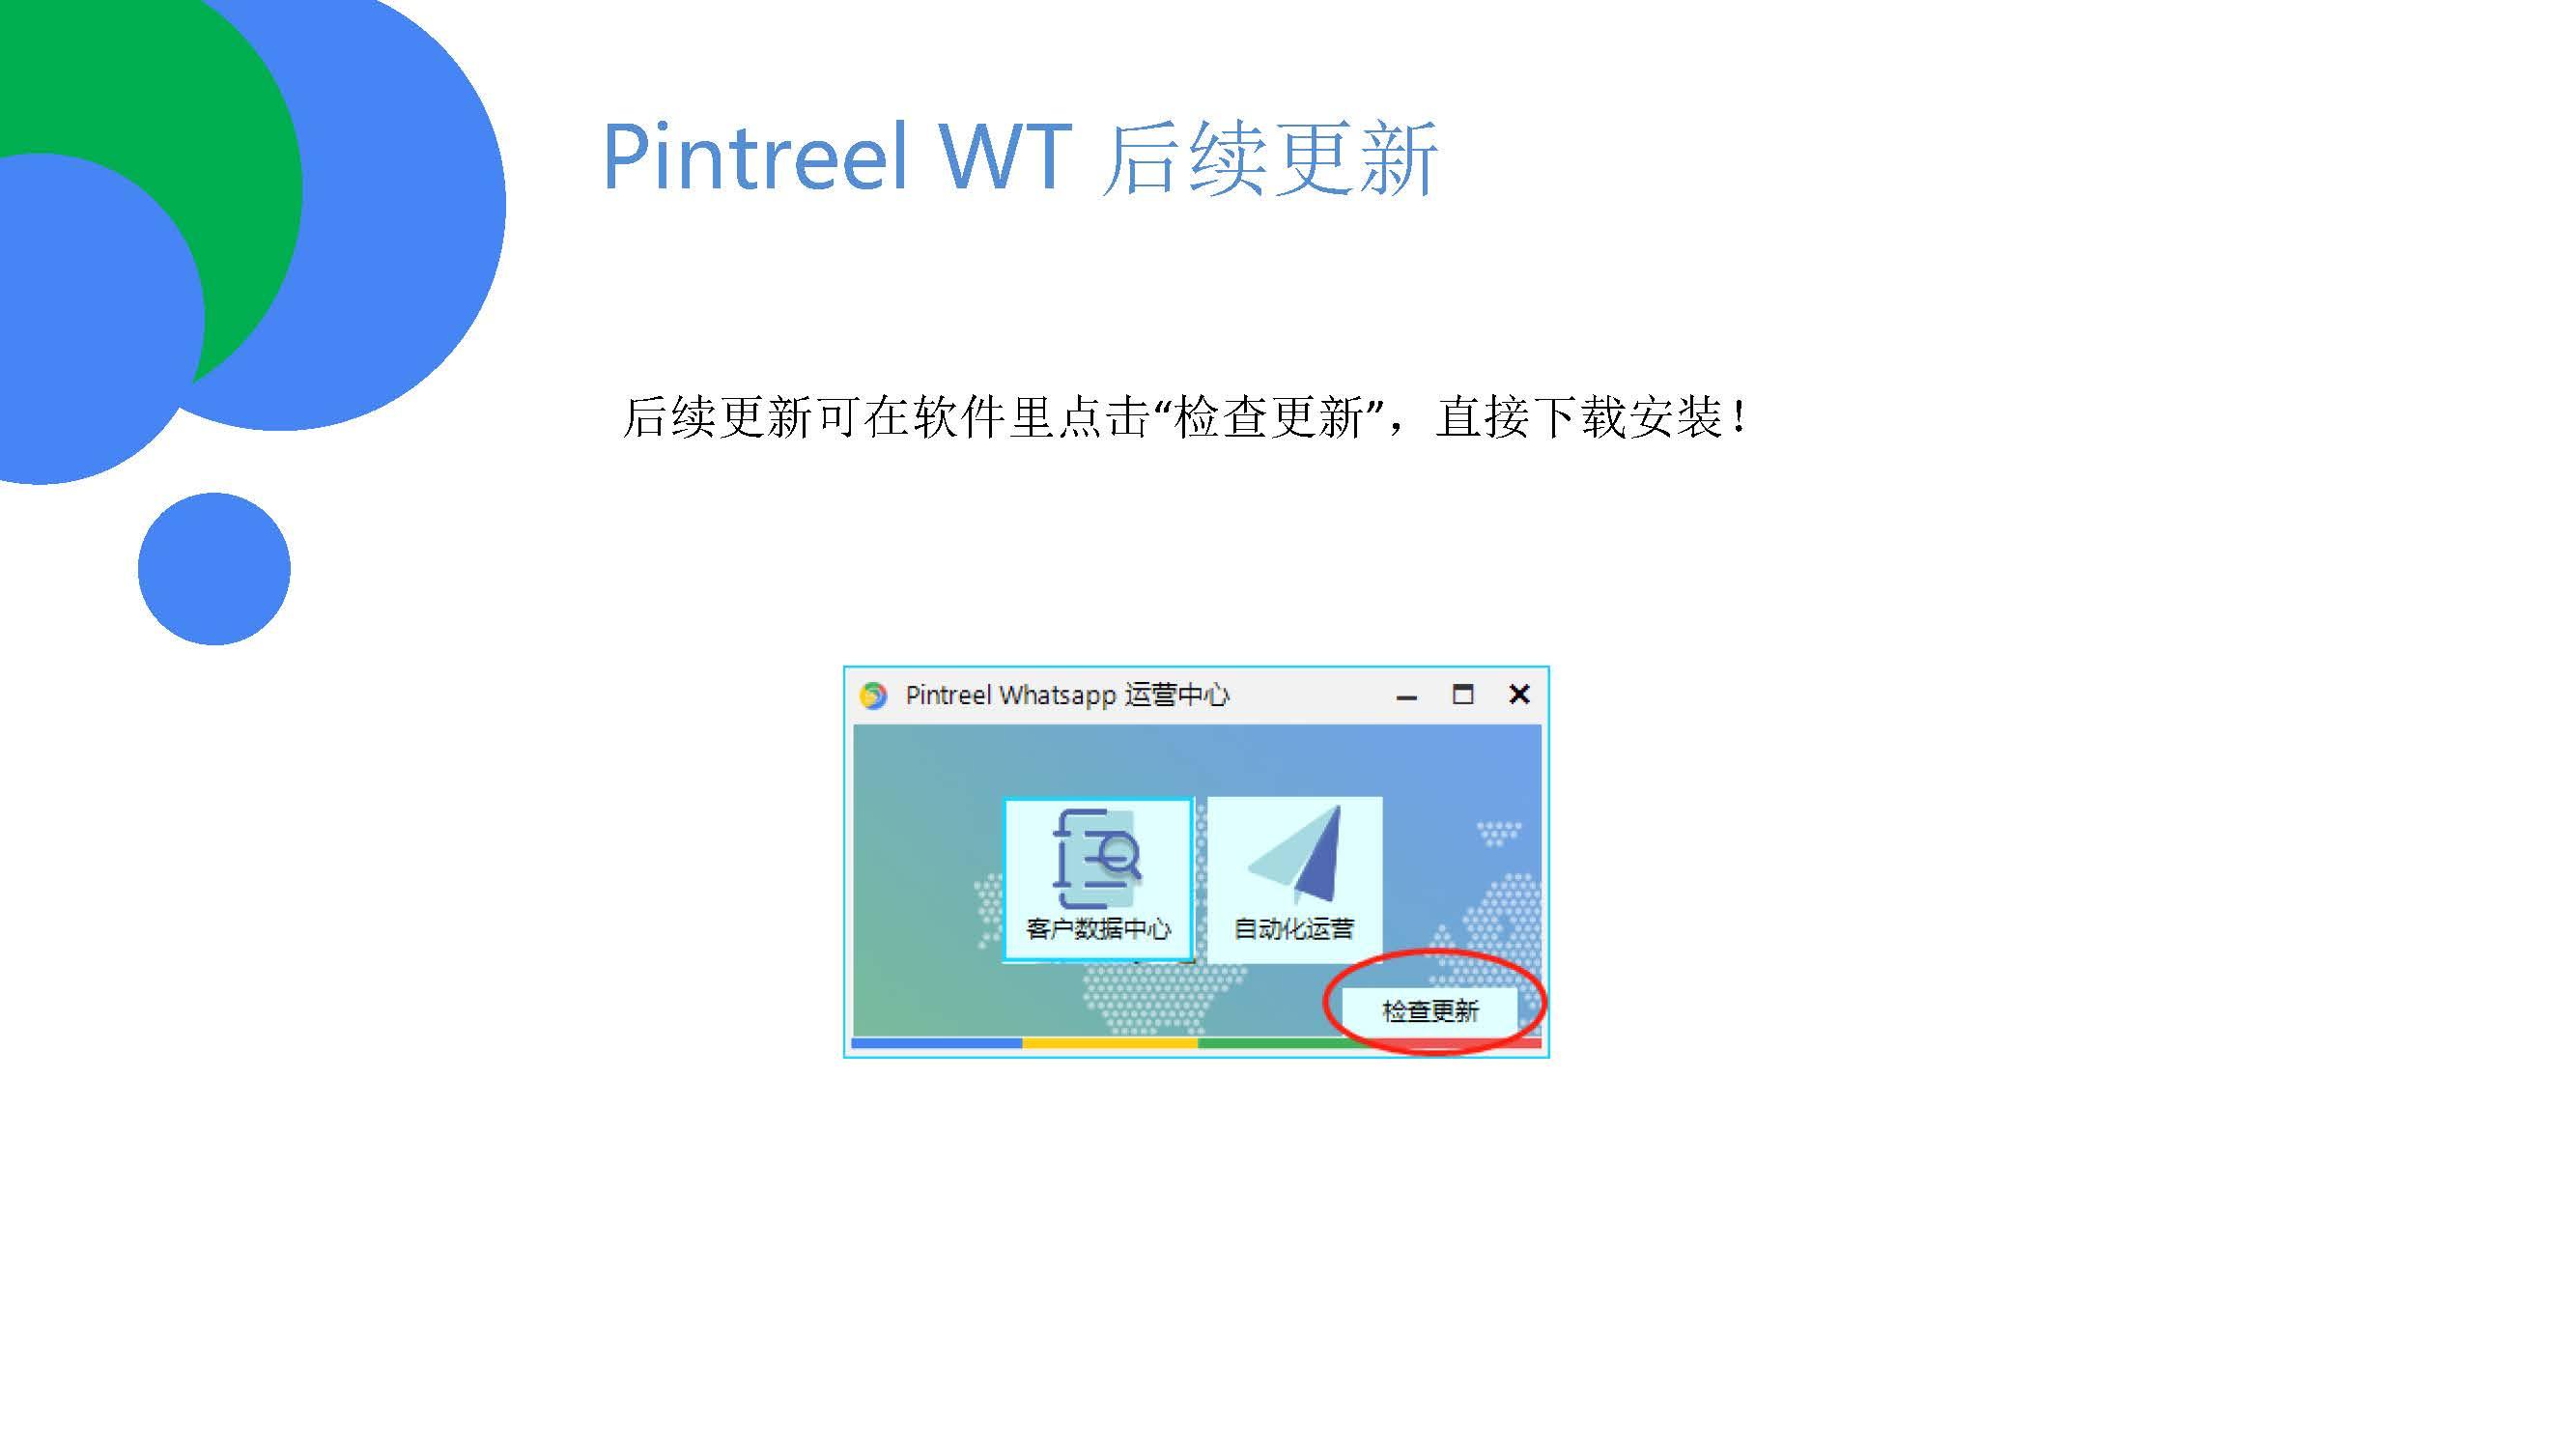 pintreel WT安装教程_页面_6